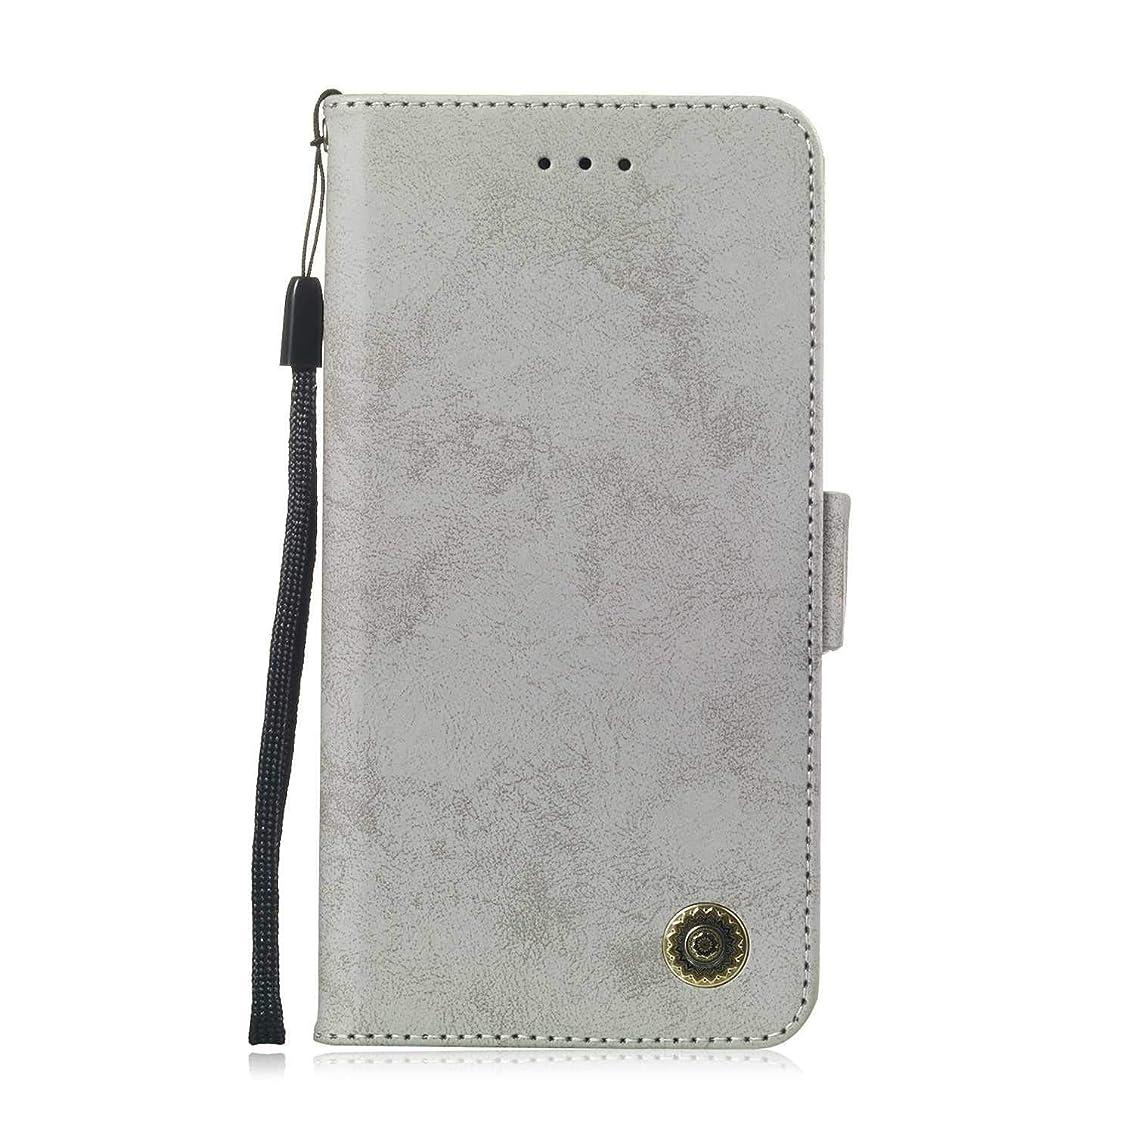 労働者性交繰り返すZeebox? Huawei Mate 20 Lite 手帳型ケース Huawei Mate 20 Lite 手帳型カバー 財布型 合皮PUレザー マグネット式 保護ケース カード収納 スタンド 機能 (グレー #5)